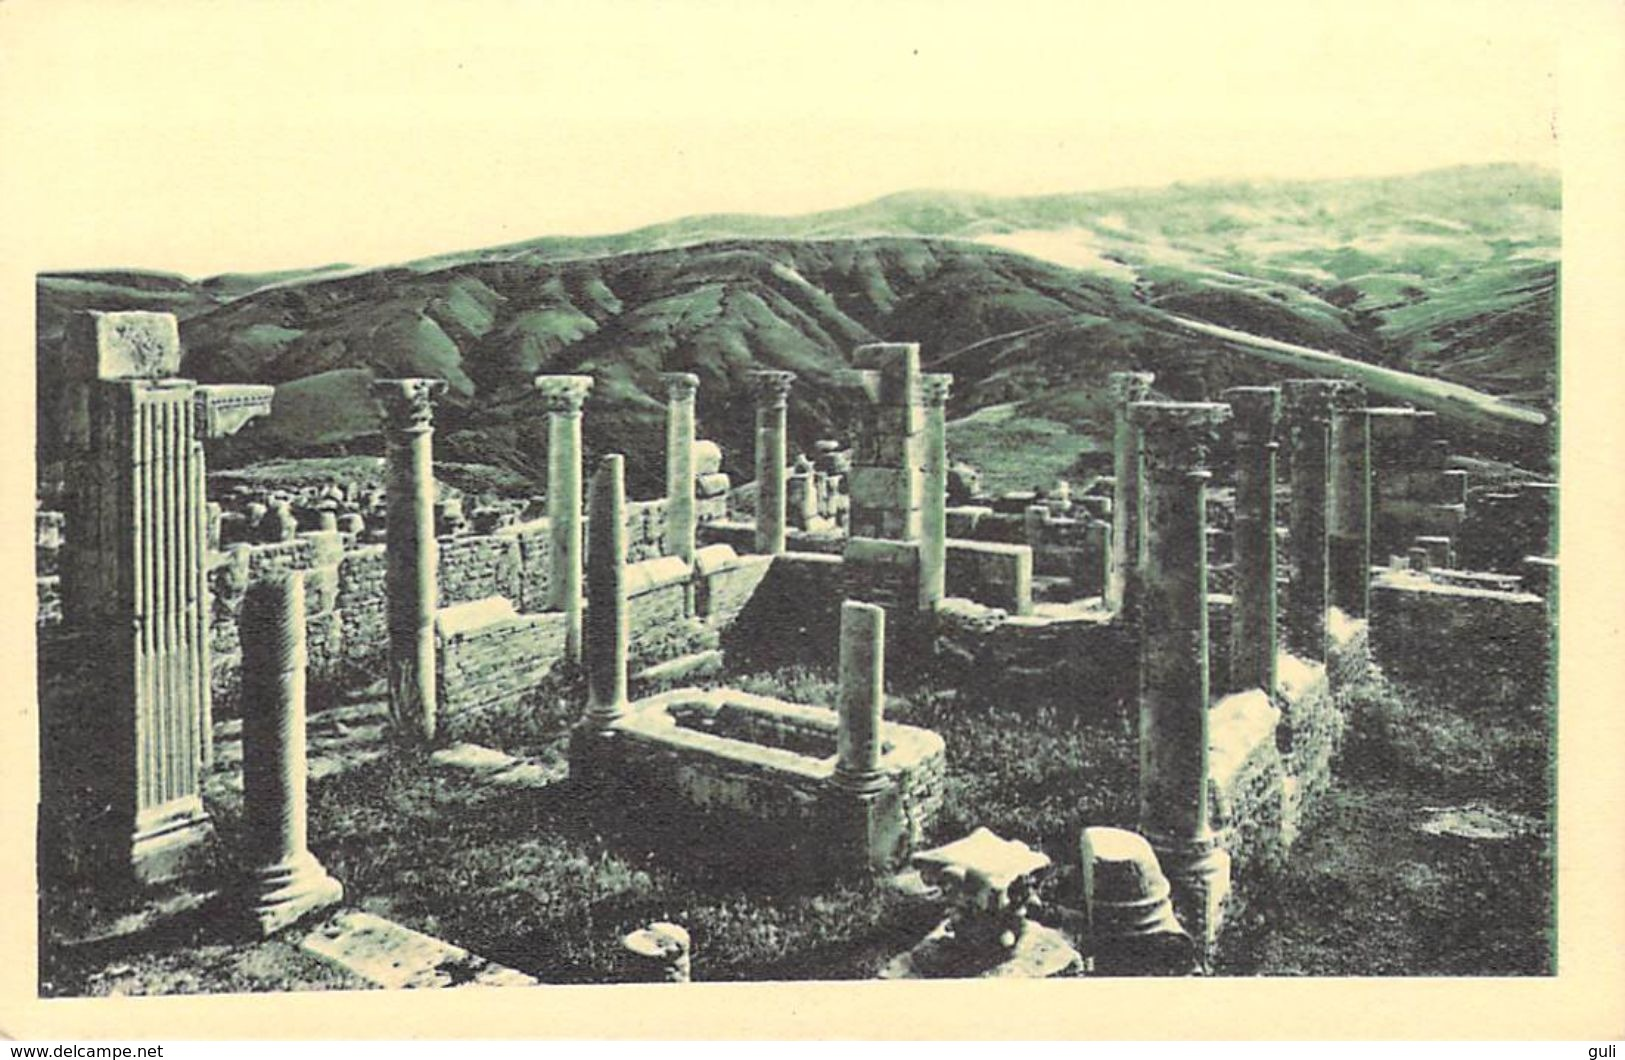 Afrique ALGERIE Wilaya De Sétif)  DJEMILA Atrium D'une Maison( Cité Antique) Cpa  SPTGA 47/ 49 - Sétif